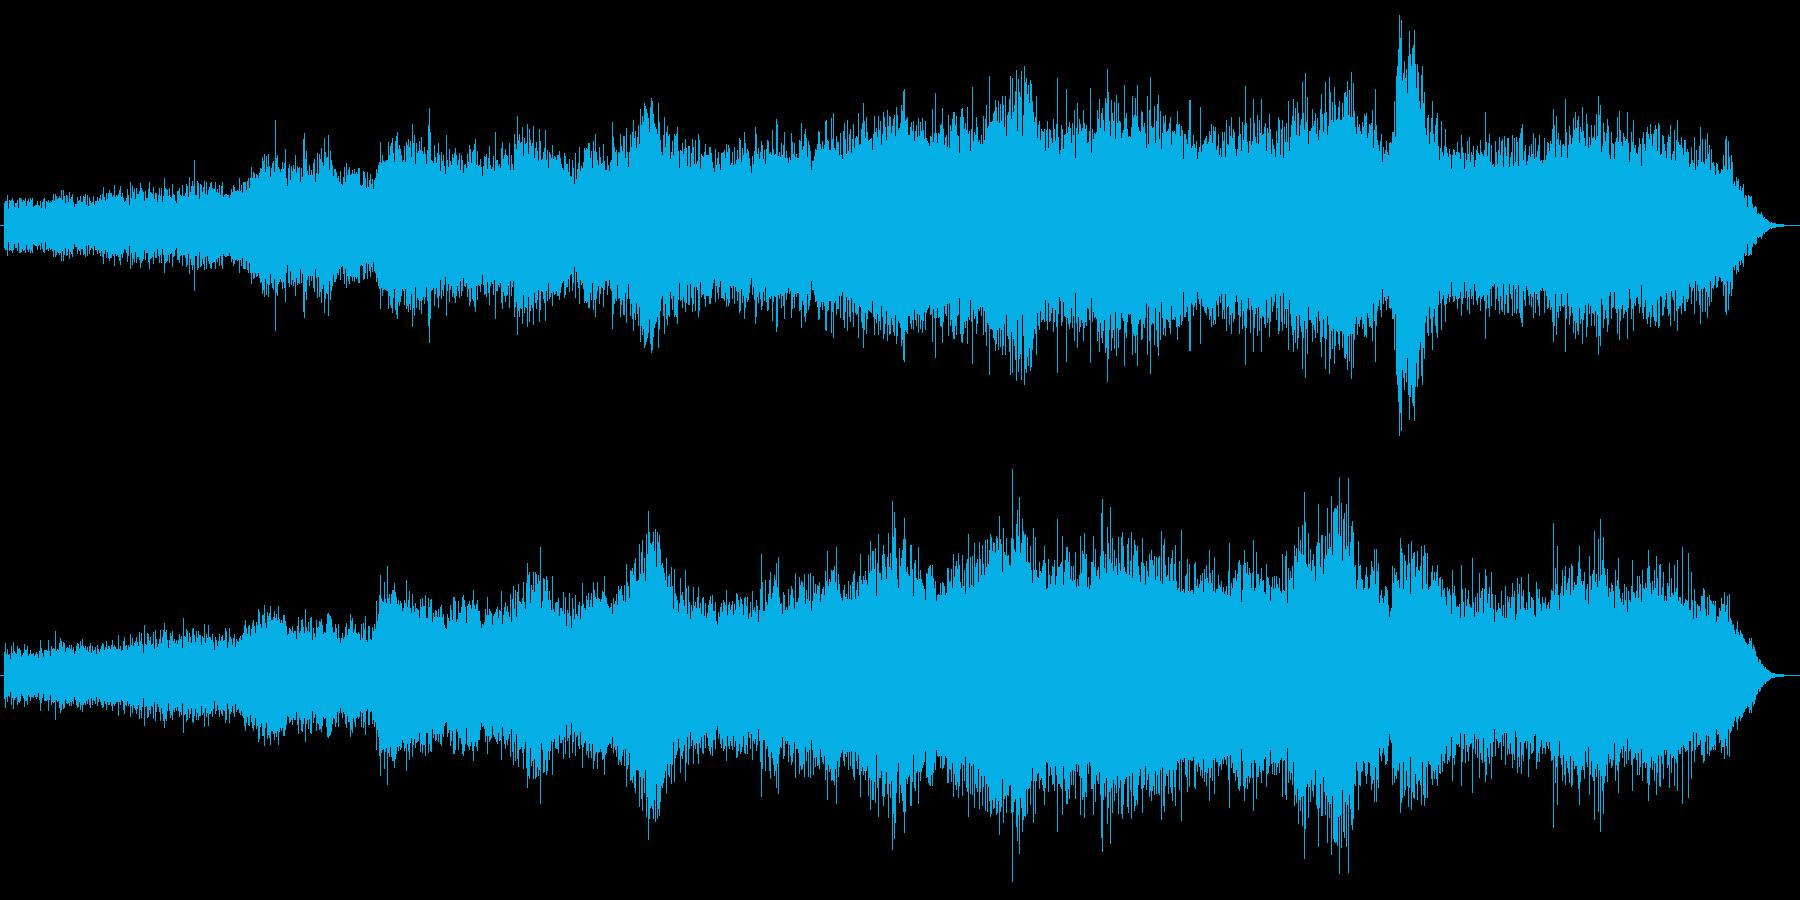 雪山での吹雪の効果音の再生済みの波形